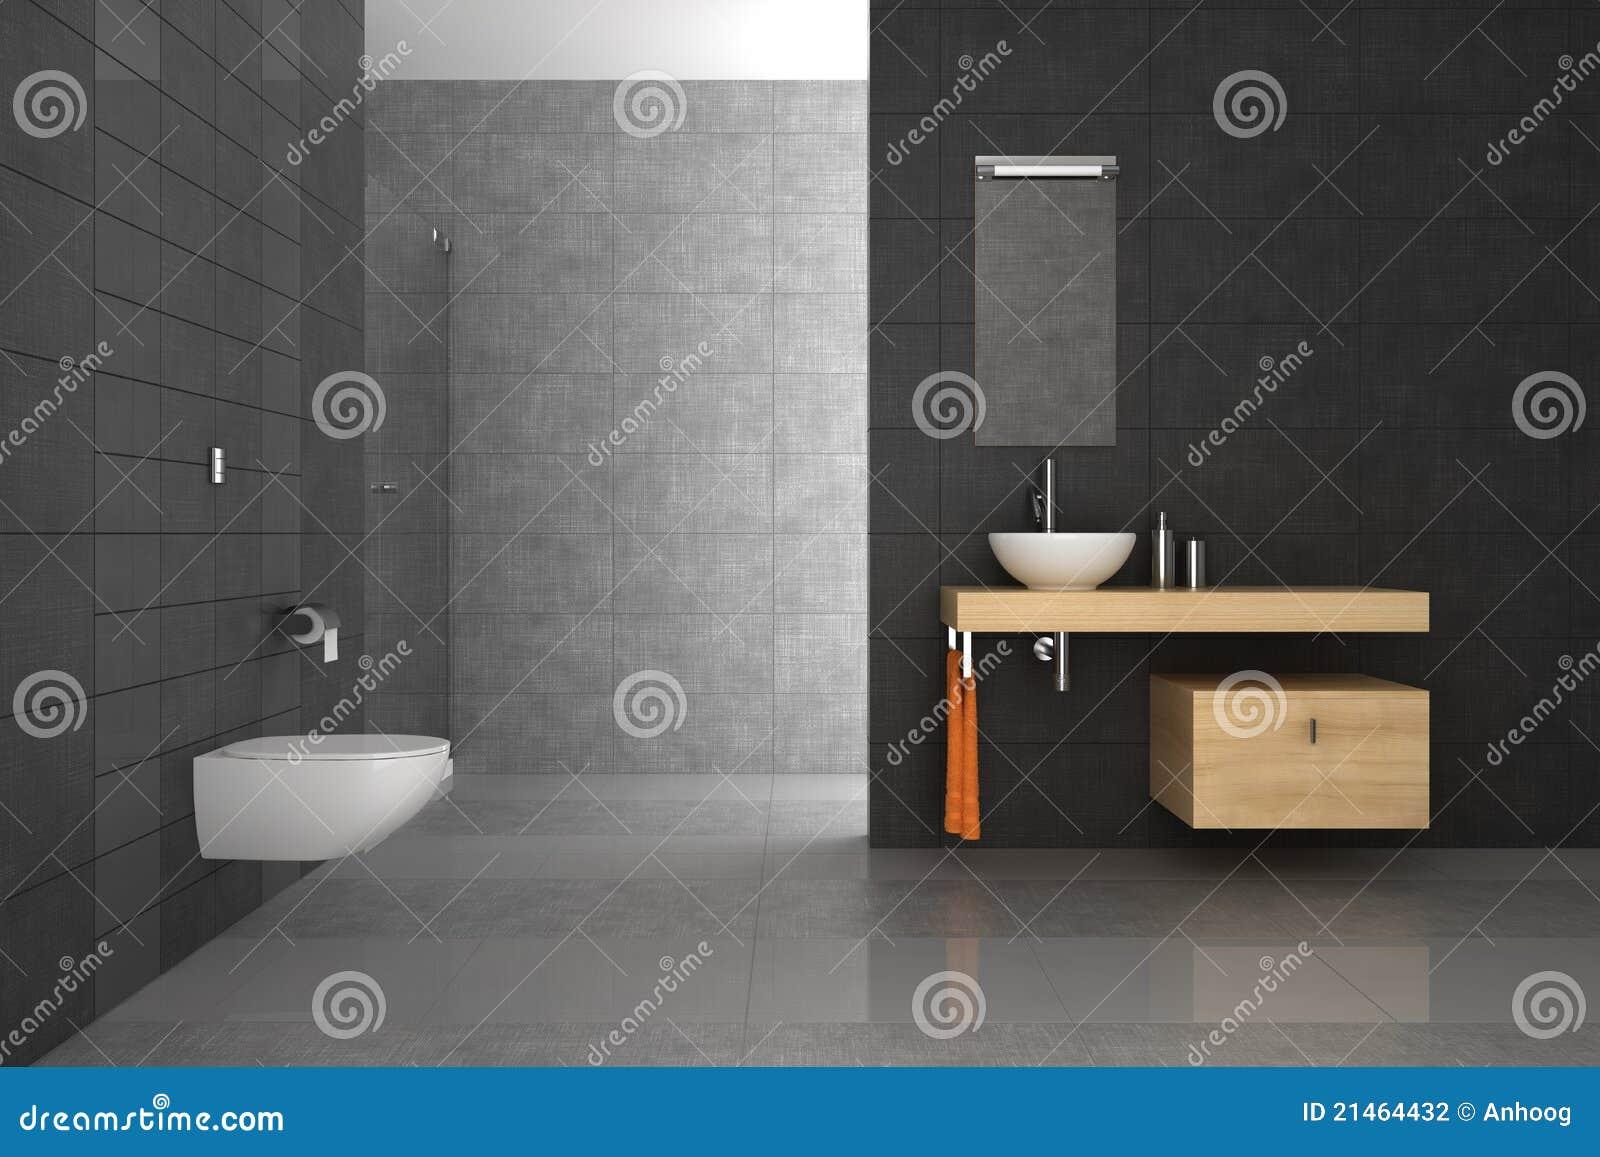 Cuarto De Baño Embaldosado Con Los Muebles De Madera Stock de ...